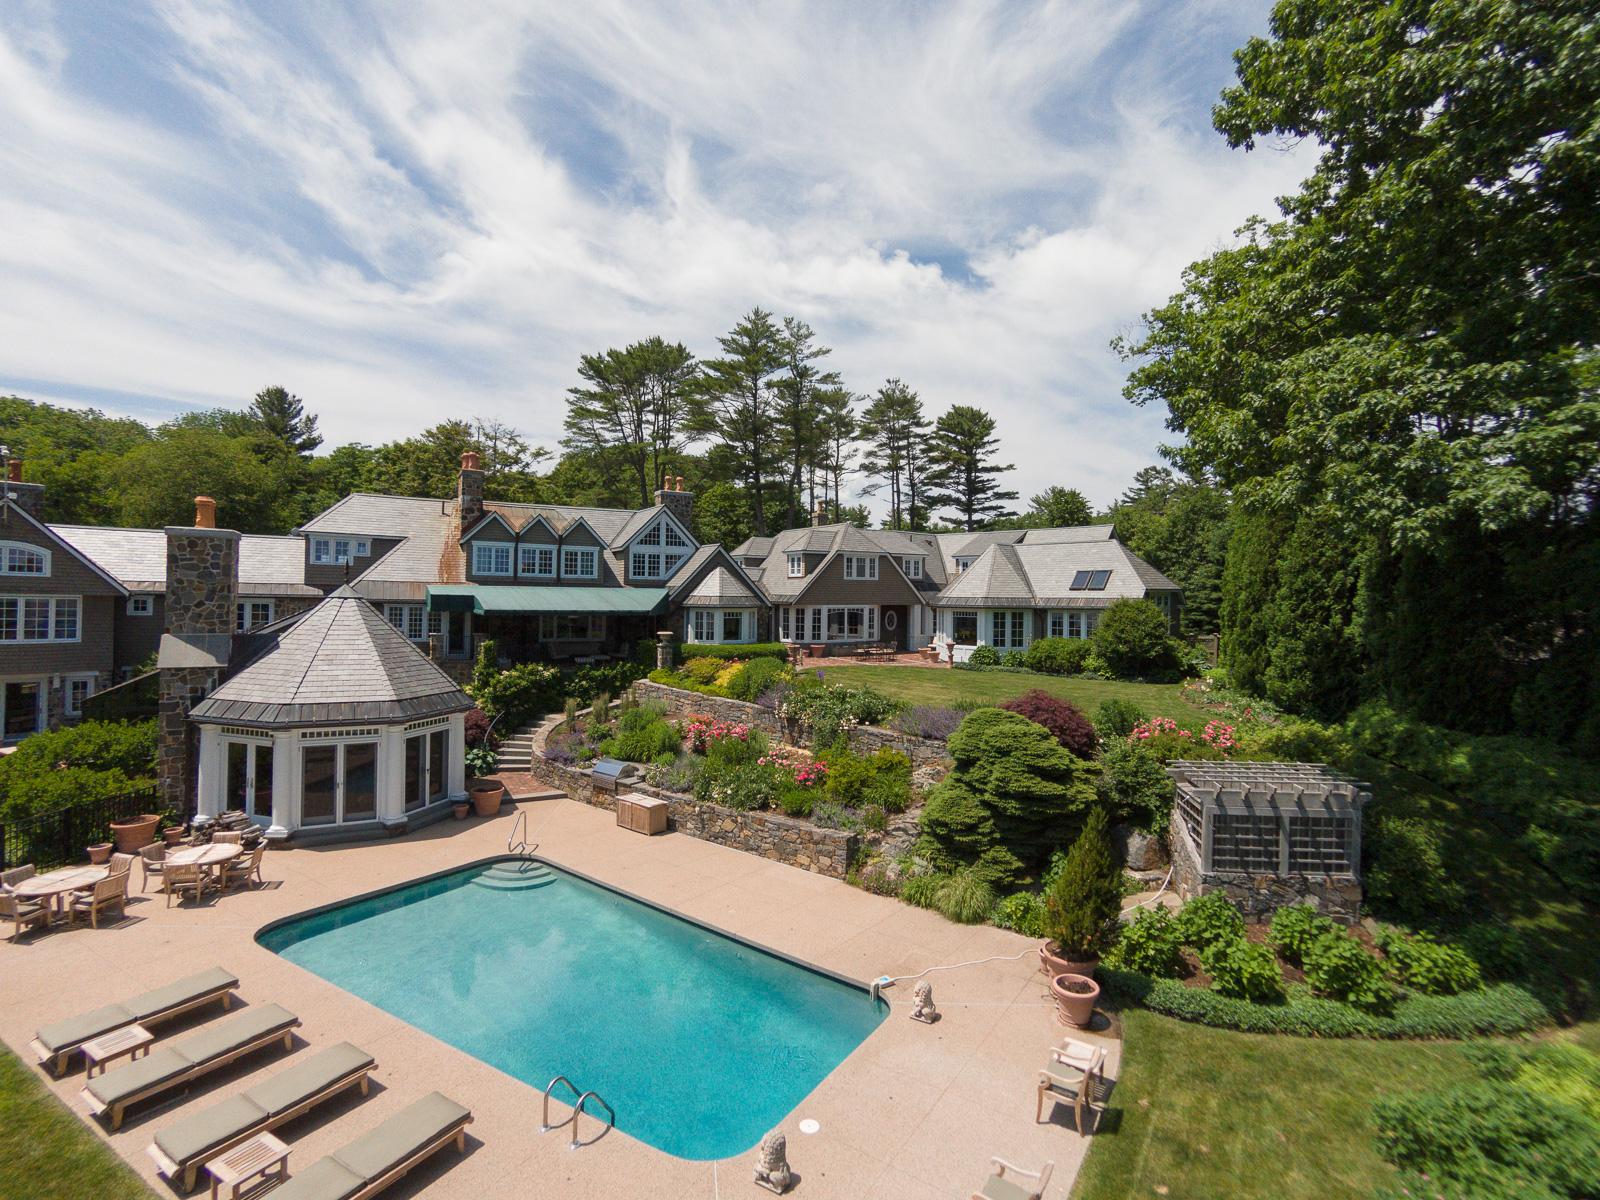 獨棟家庭住宅 為 出售 在 3 Thunder Hill York, 緬因州 03909 美國